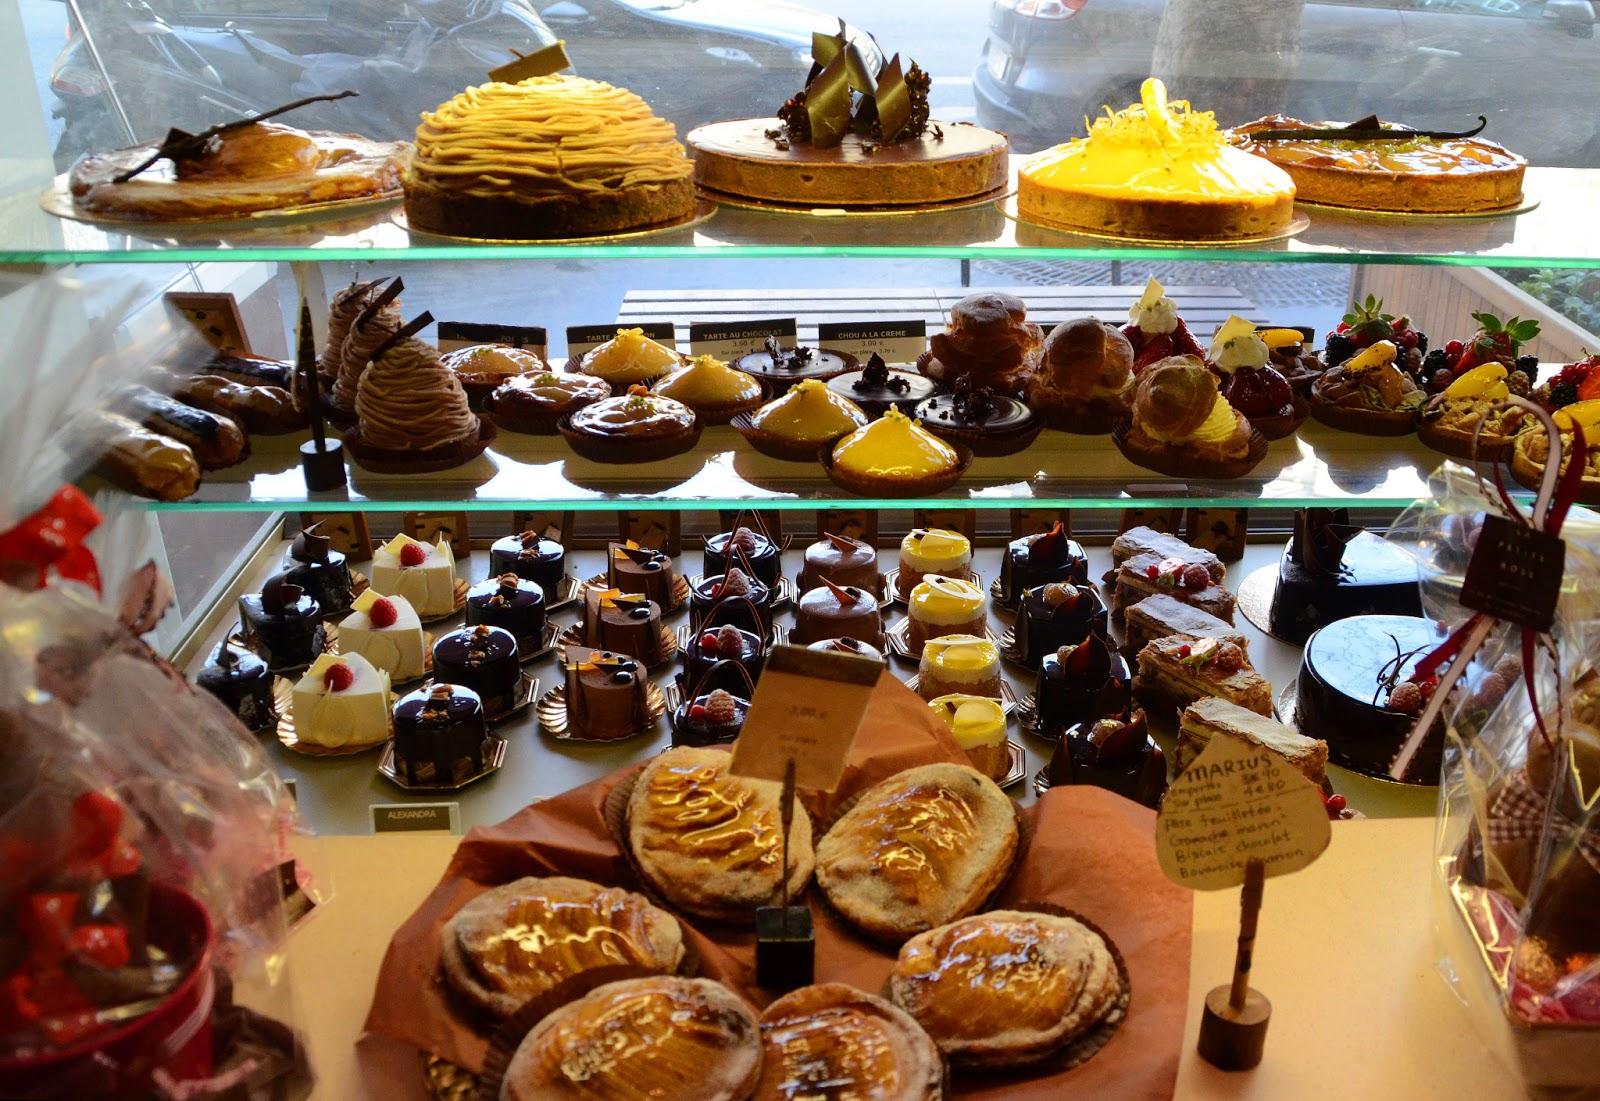 Paris and beyond la petite rose salon de th - Salon patisserie paris ...